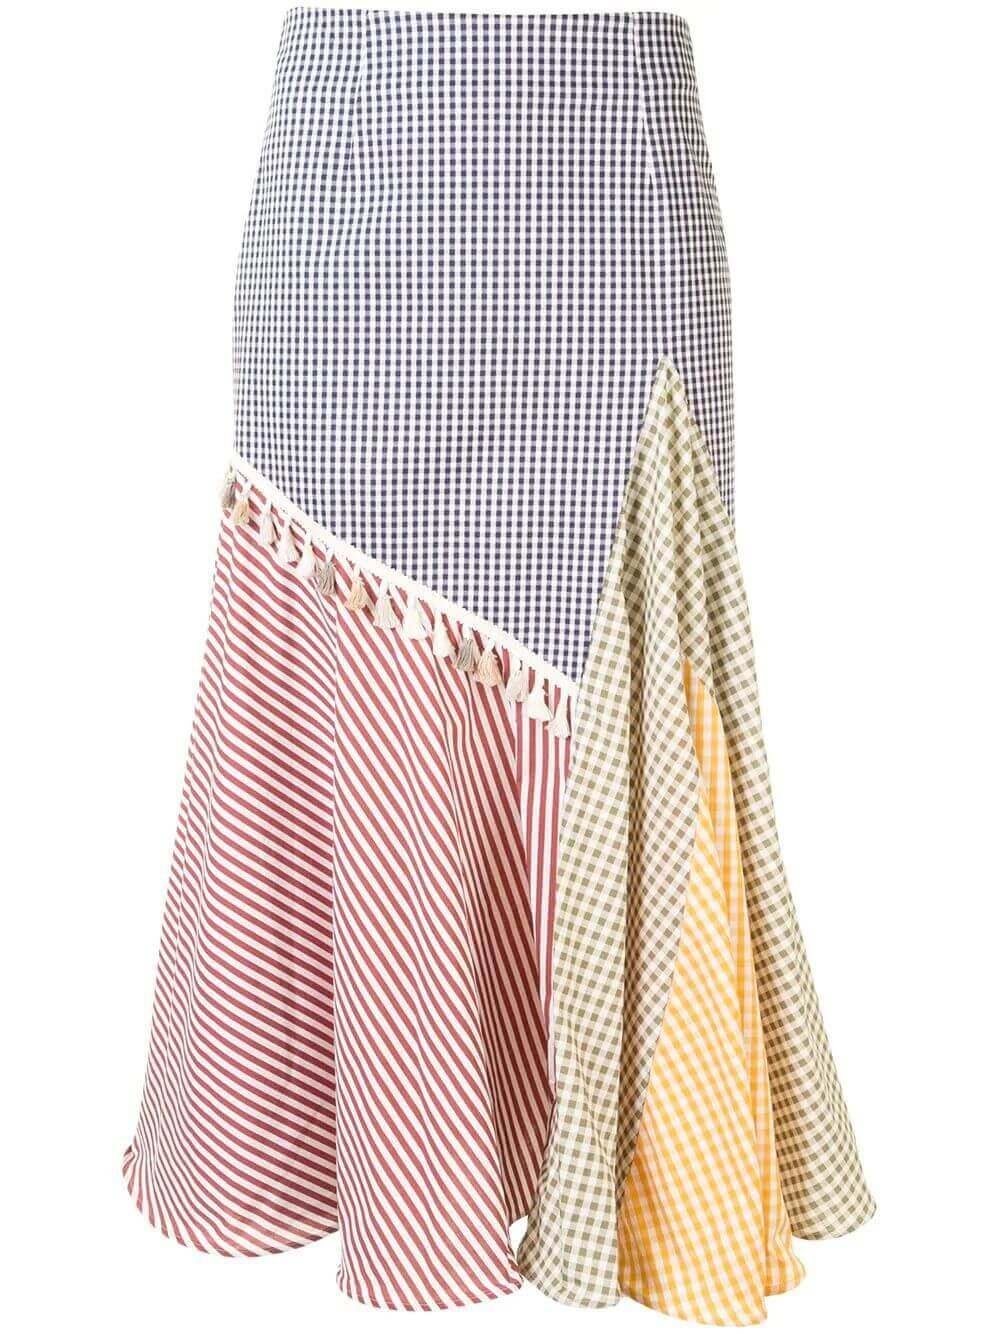 Gingham Midi Skirt Item # MAESTRANZA-SKIRT